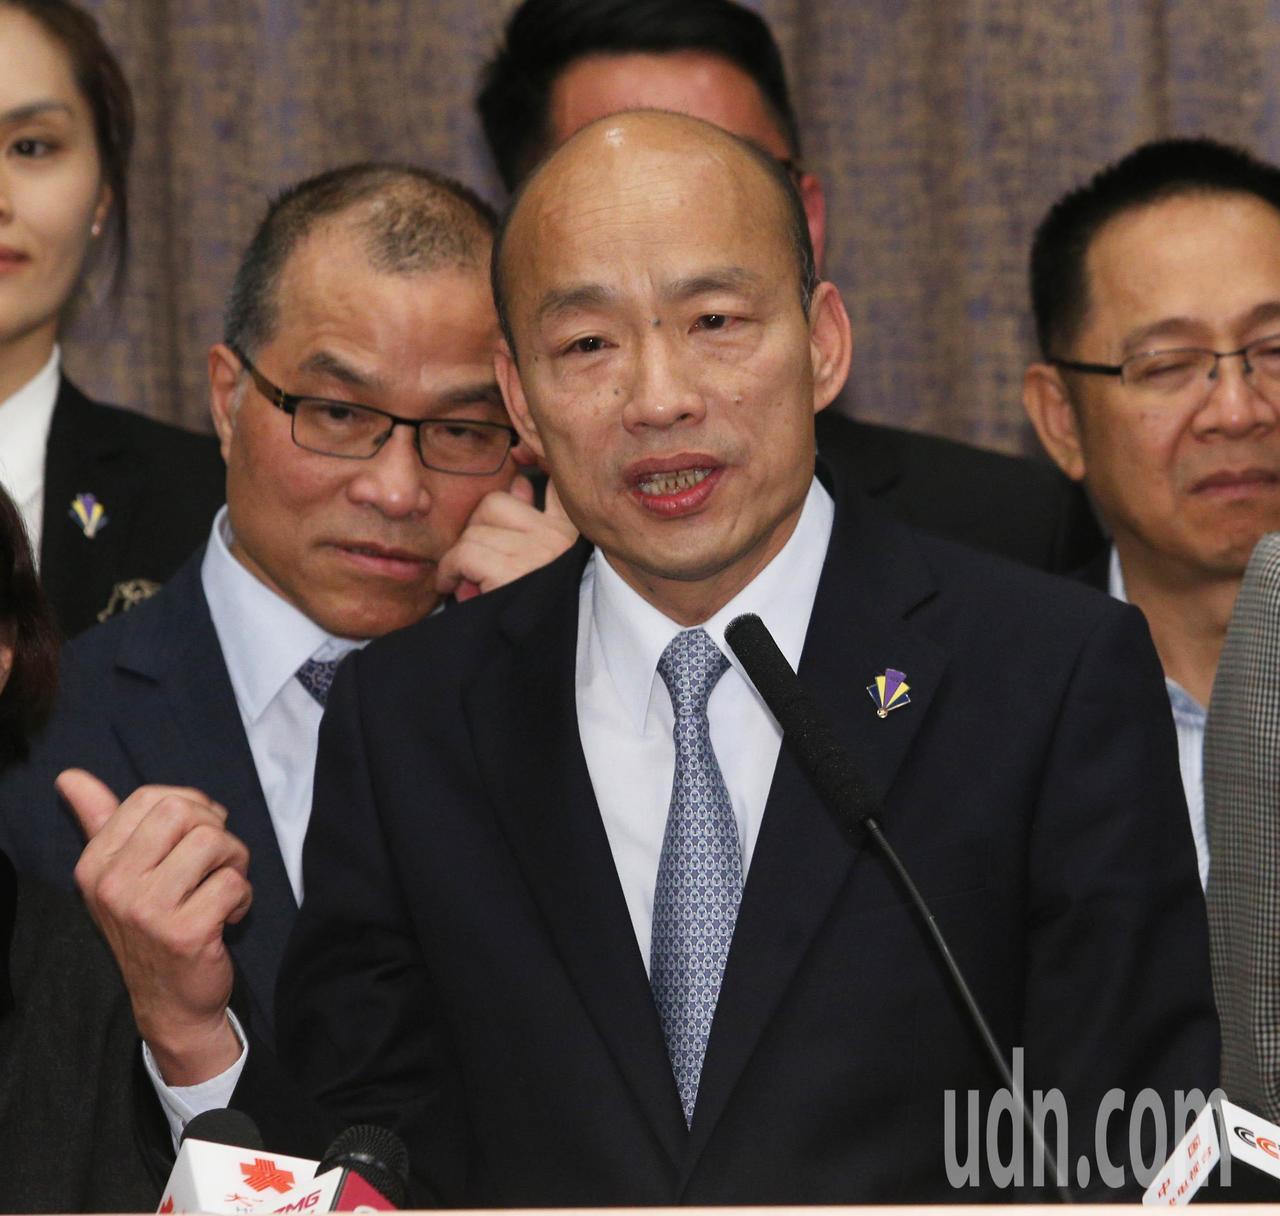 高雄市長韓國瑜表示,他是來拼經濟的,不是來拼政治,為什麼要對他有所質疑,也把陳菊...